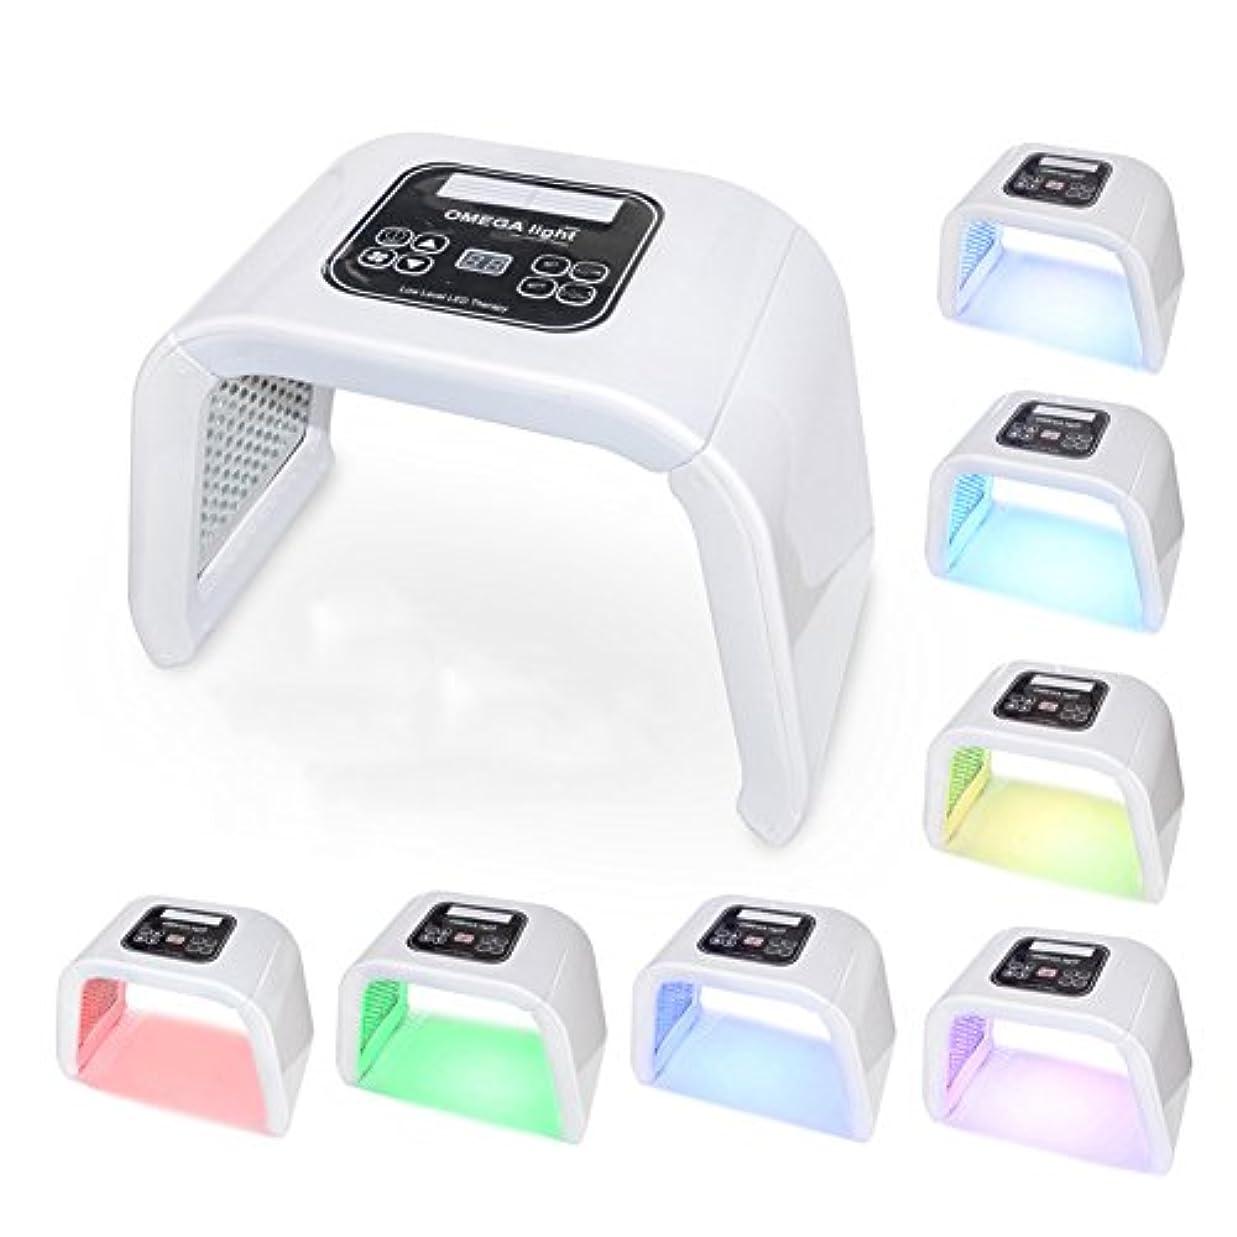 映画トーン離れて光子治療器7色ライトニキビ美容器具,White